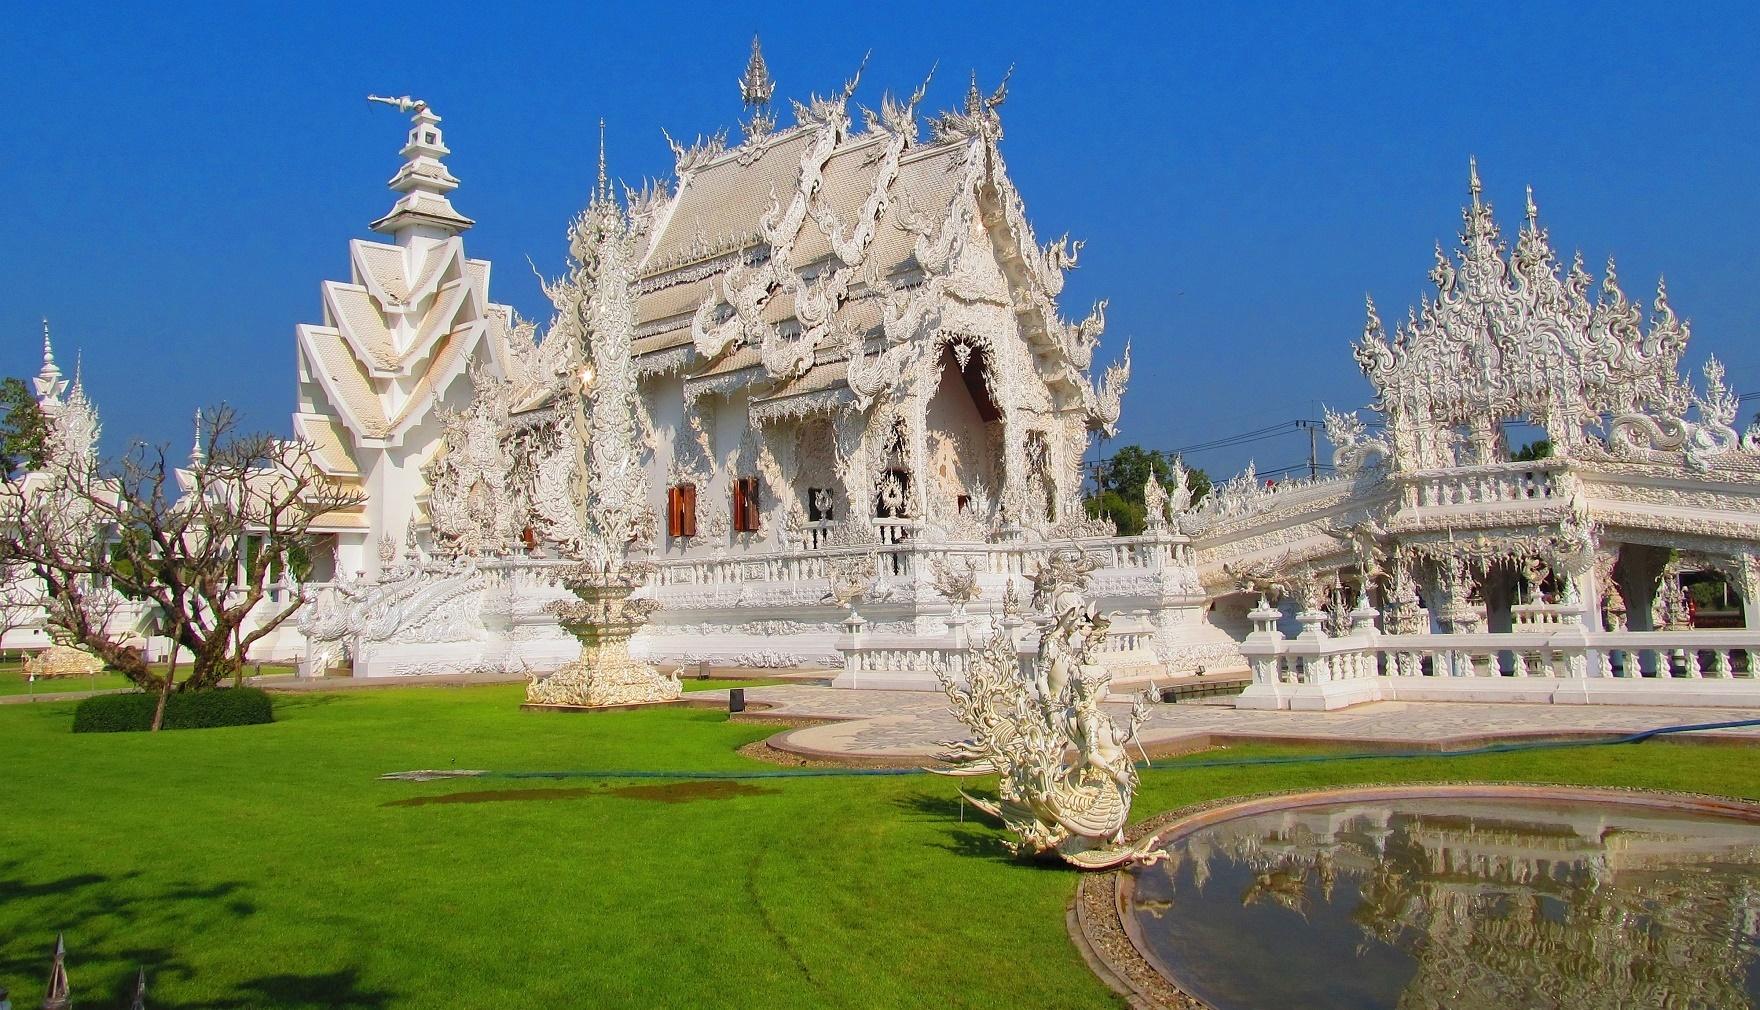 Poškození po zemětřesení - Wat Rong Khun - Thajsko